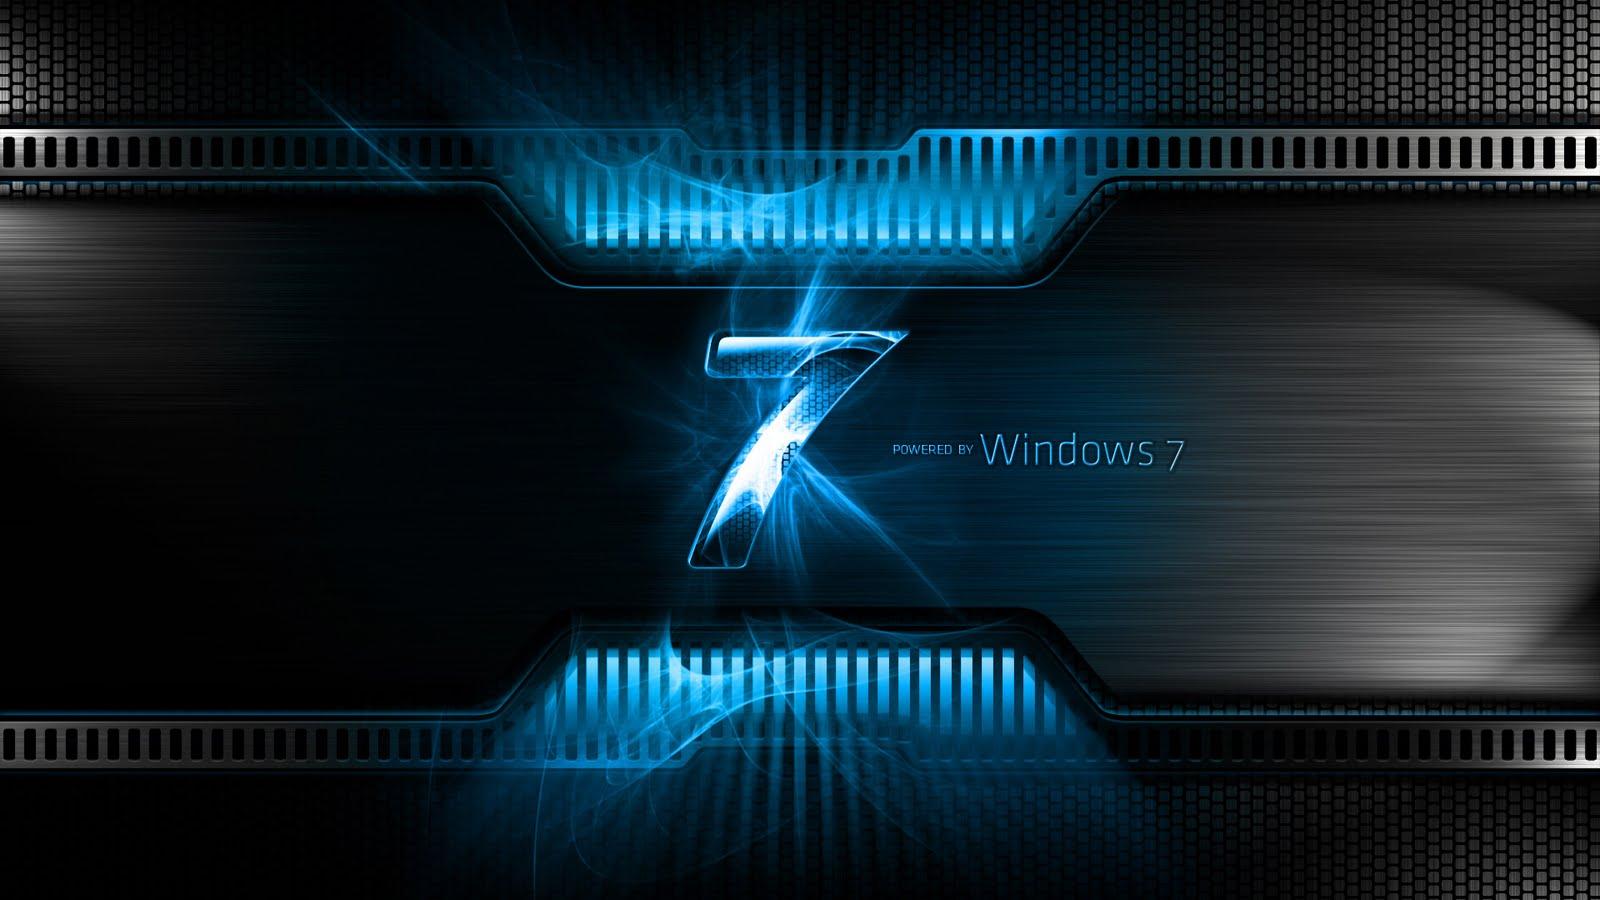 https://2.bp.blogspot.com/-6nAEqnkqcdI/Tnace_1WLEI/AAAAAAAAA2U/1LeznxpVIAs/s1600/Windows7-Power.jpg